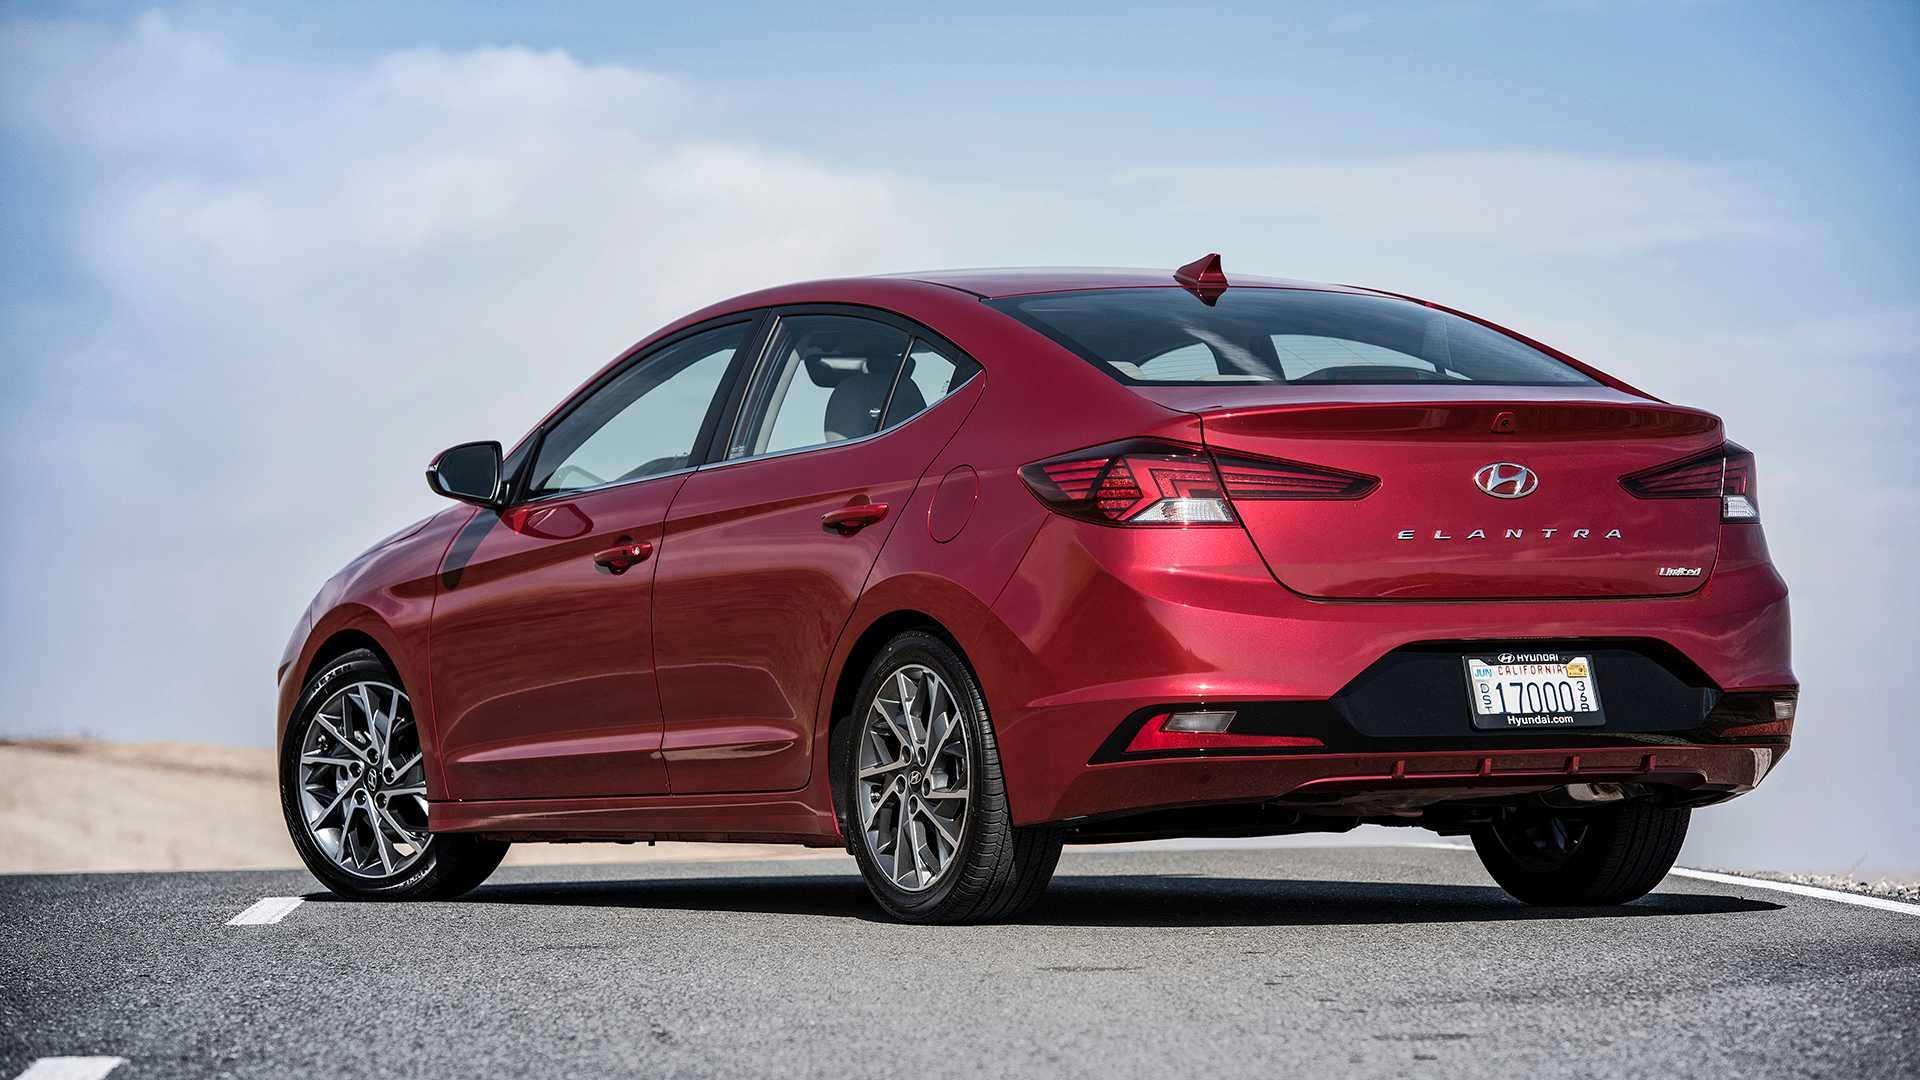 32 Concept of 2019 Hyundai Elantra Reviews with 2019 Hyundai Elantra